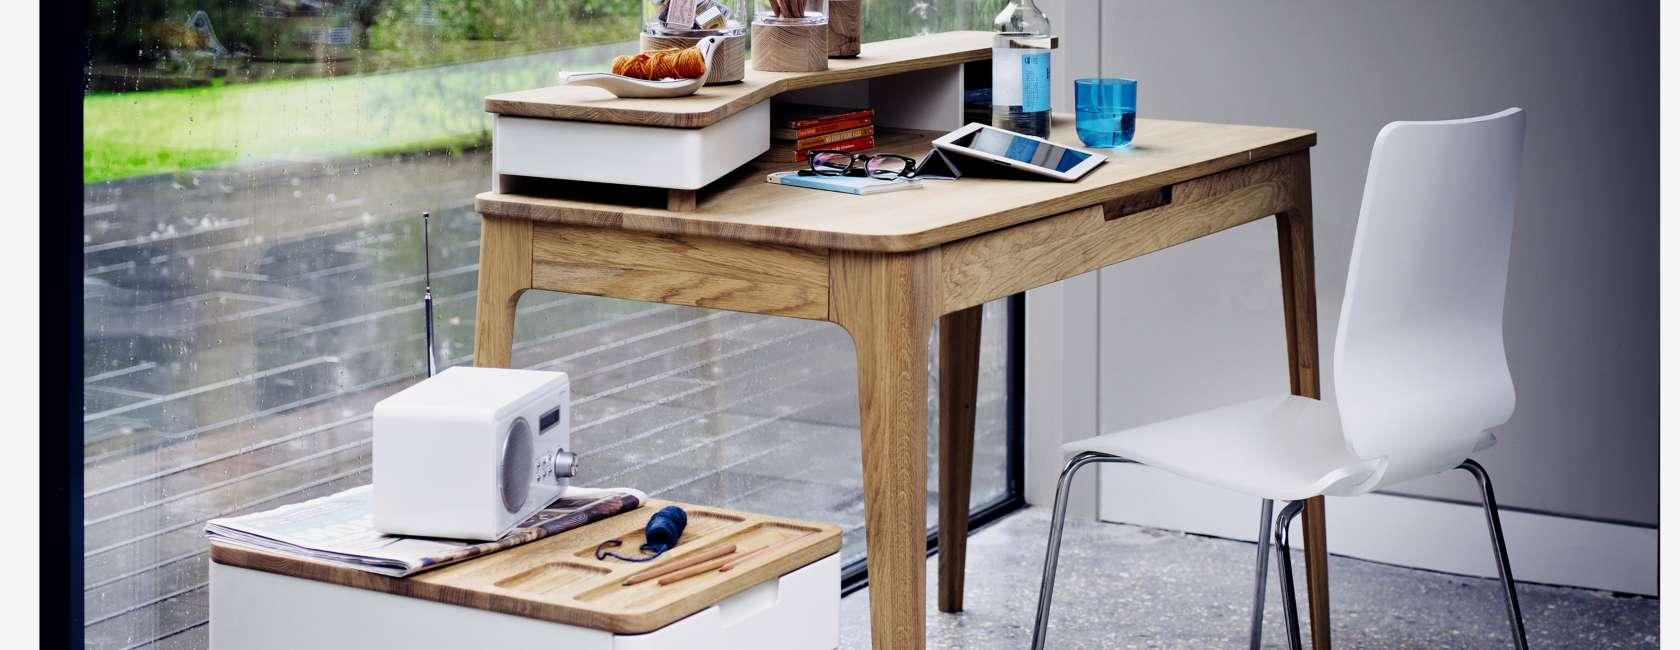 Ebbe gehl for john lewis mira office furniture range at john lewis partners